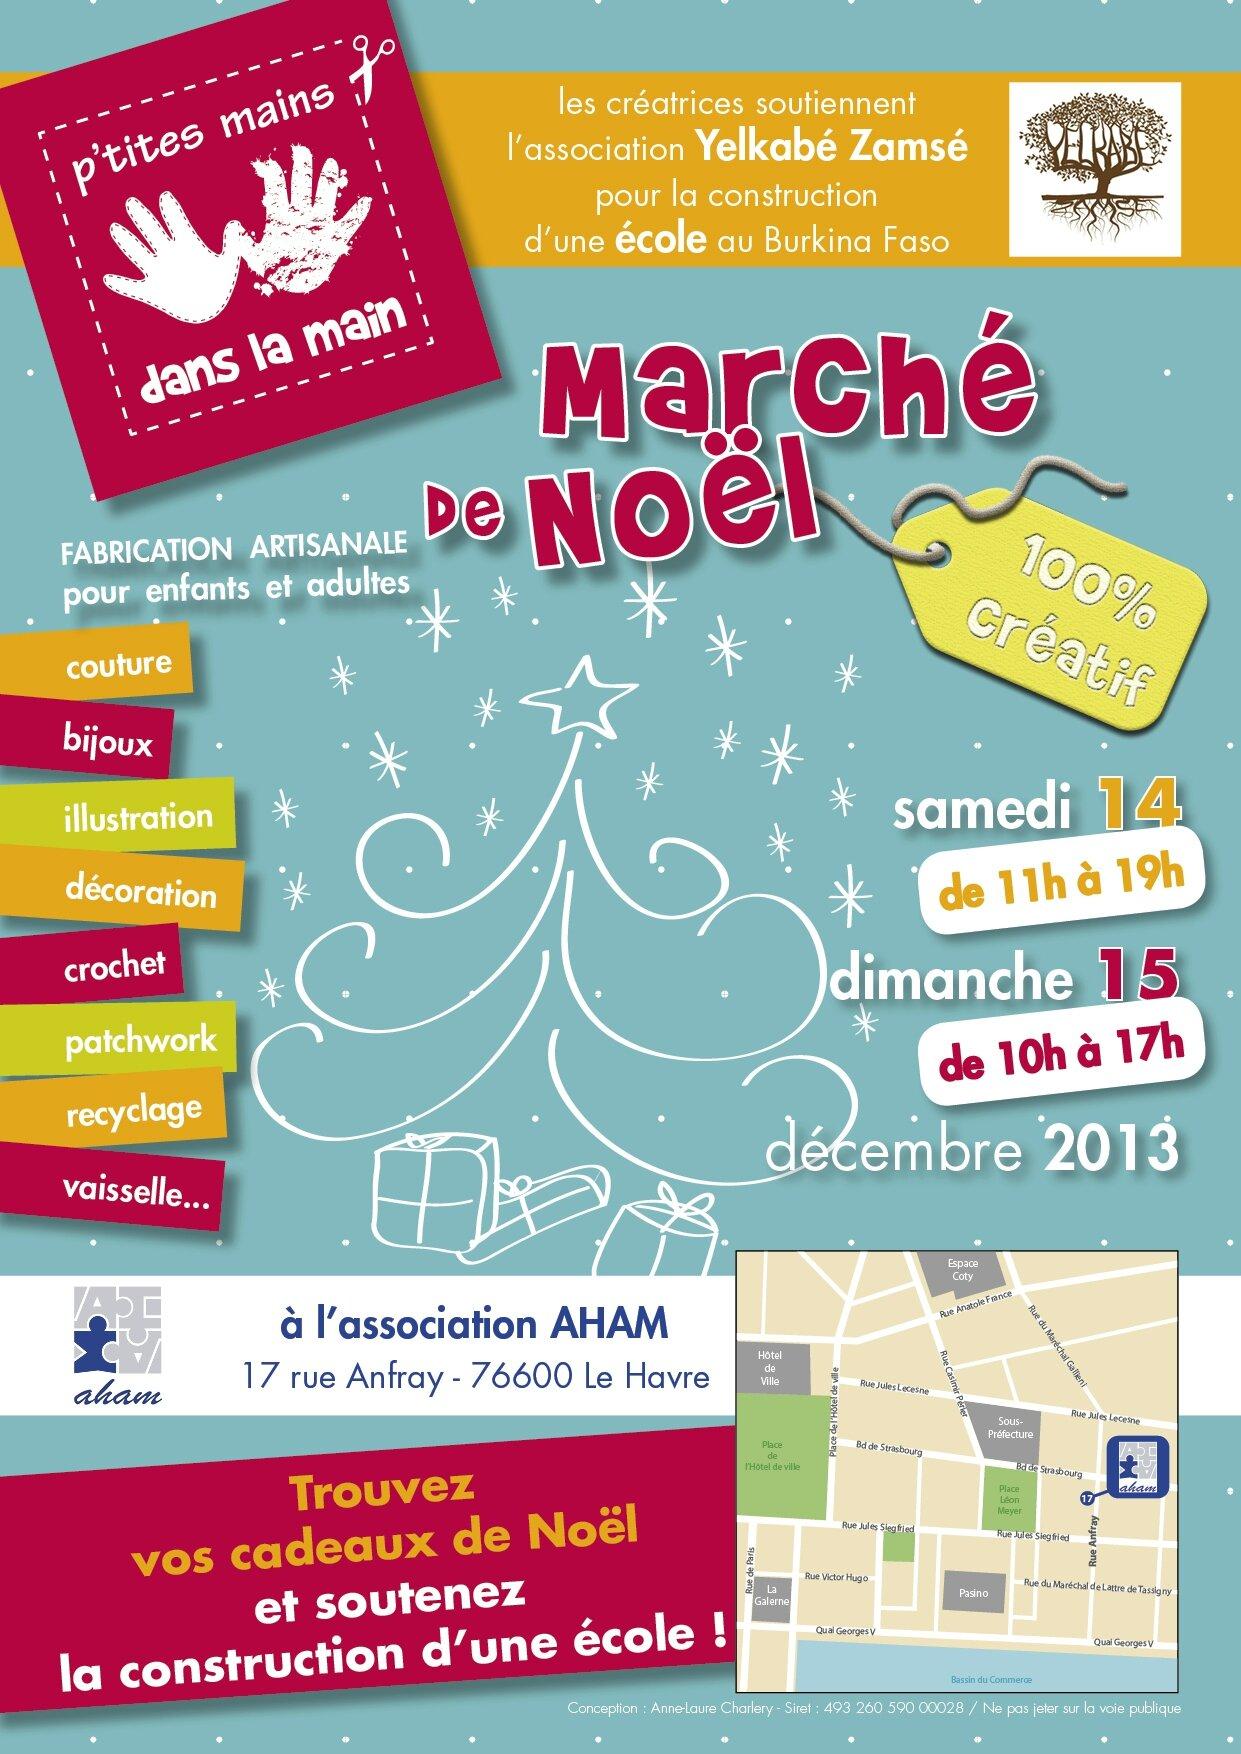 Affiche marche_ de noe_l - Aham